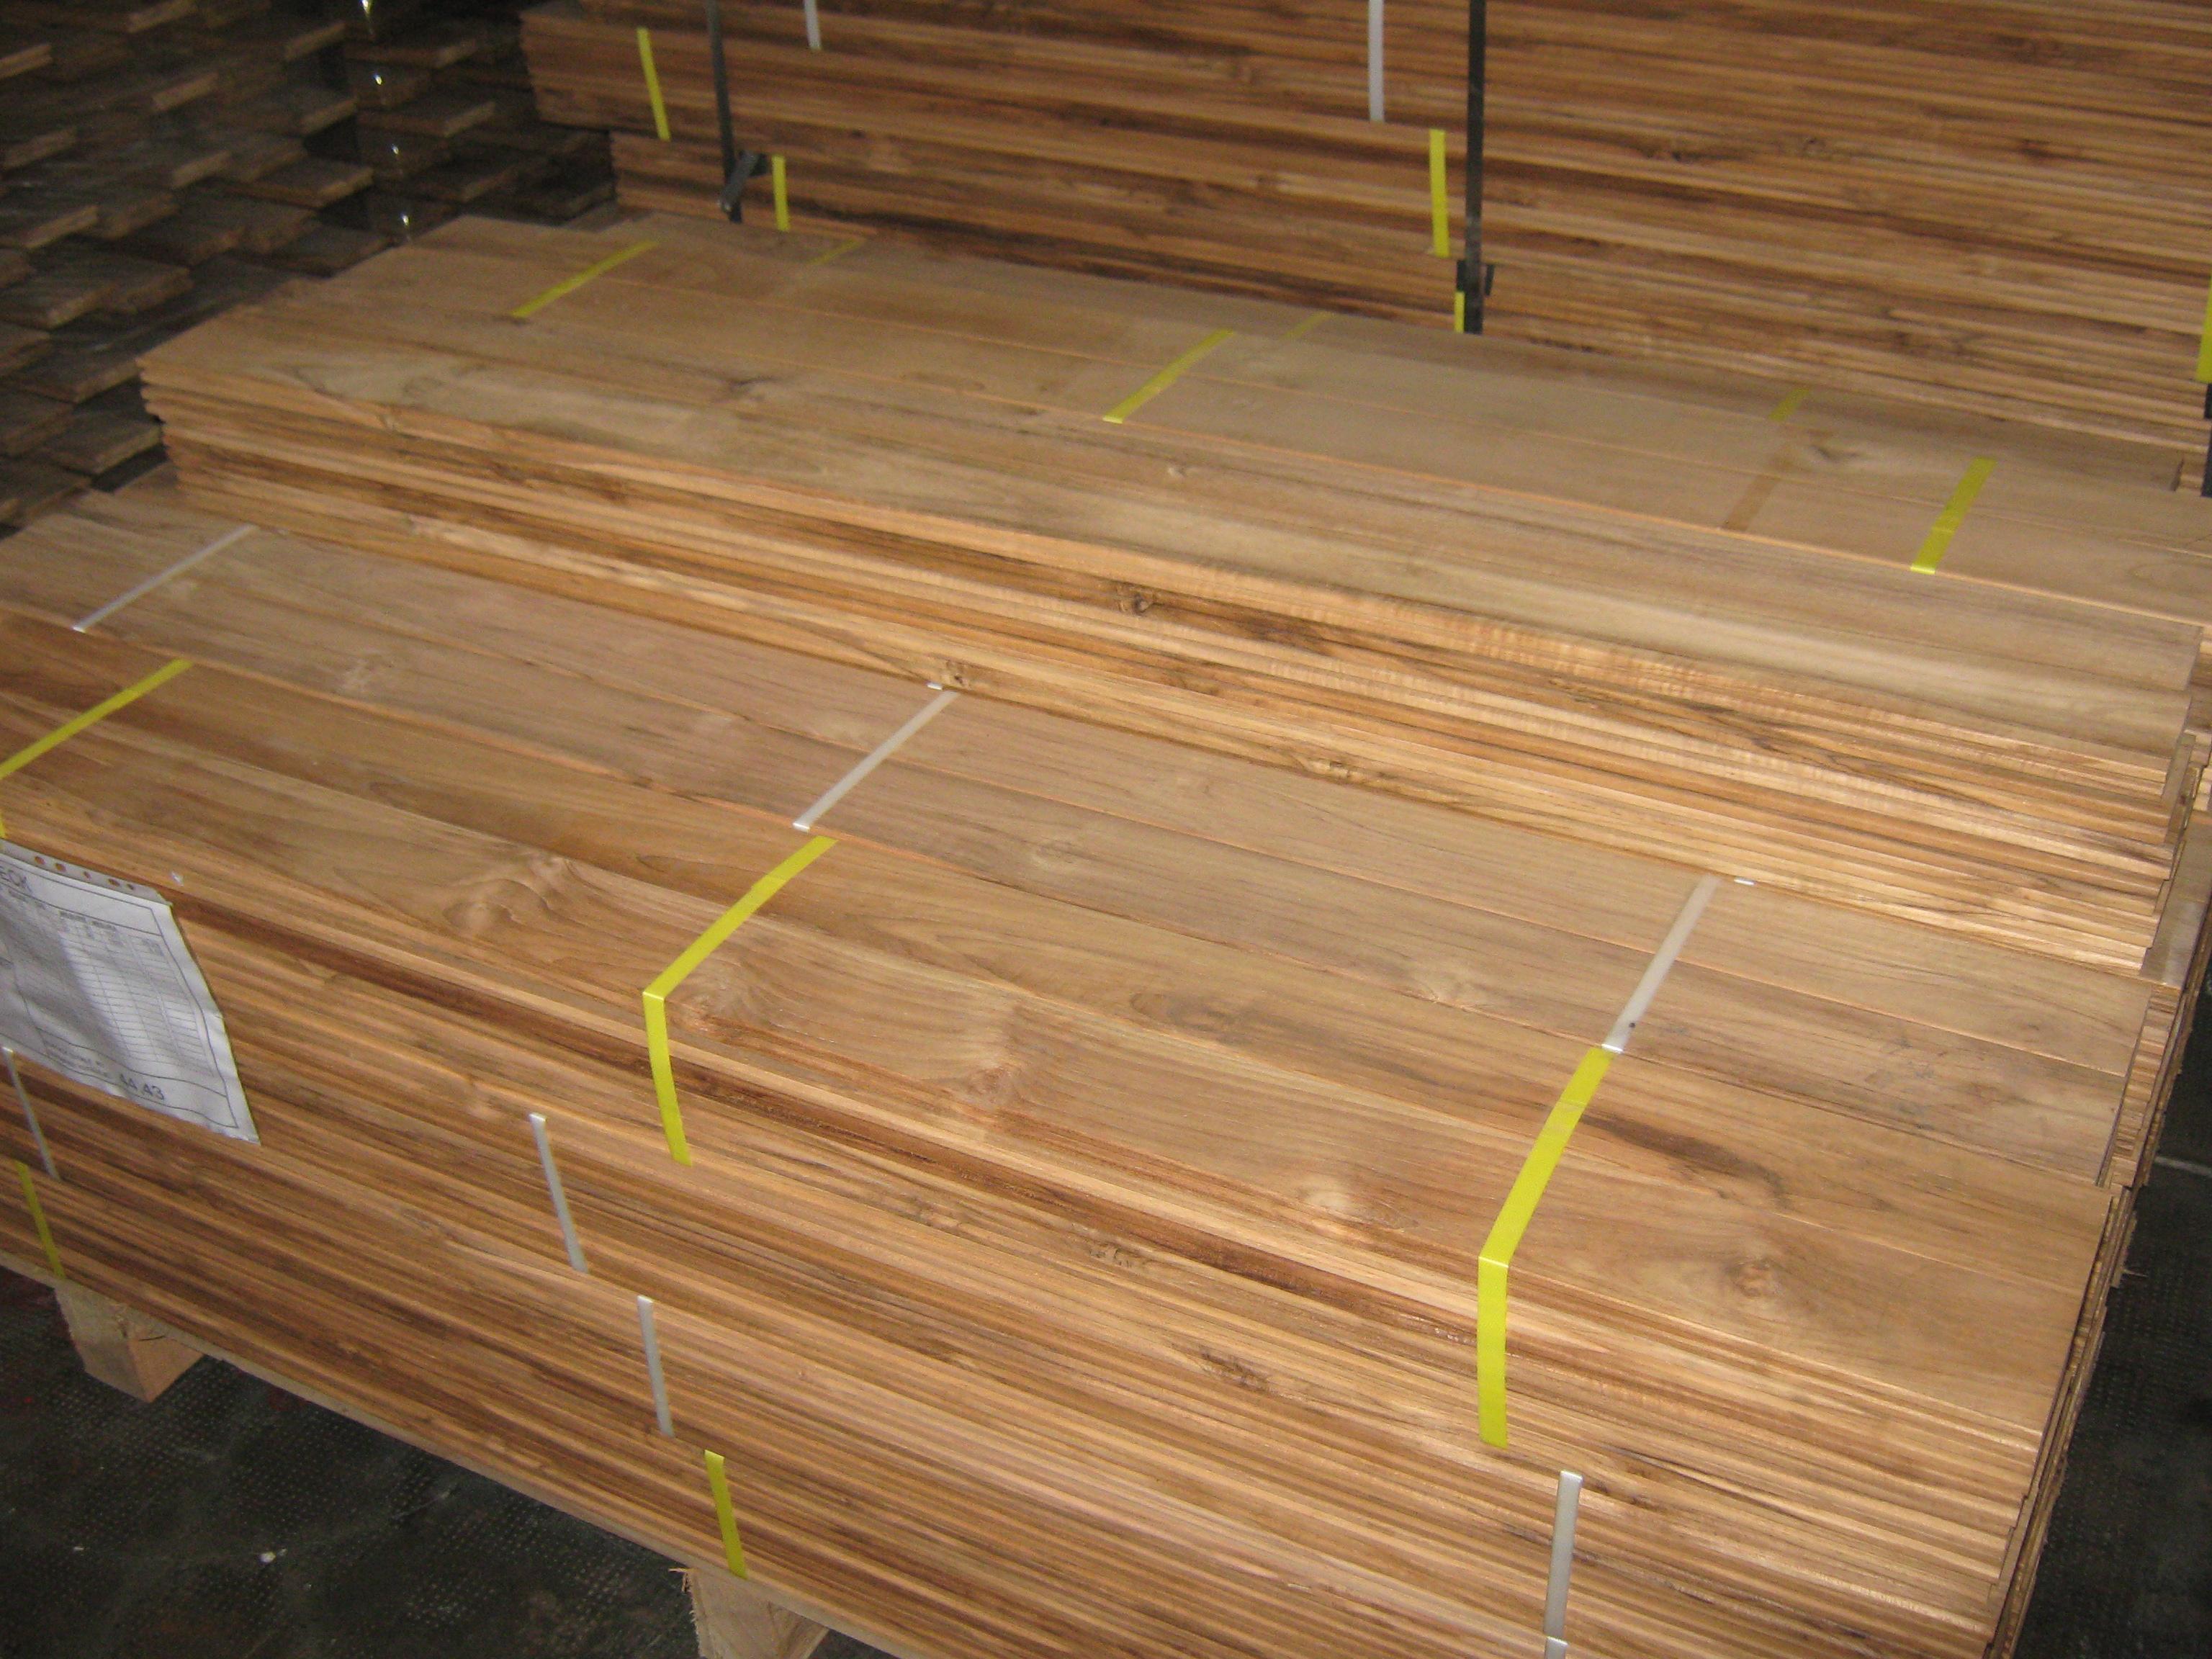 Teck lames de terrasse caillebotis bois exterieur for Lames bois exterieur